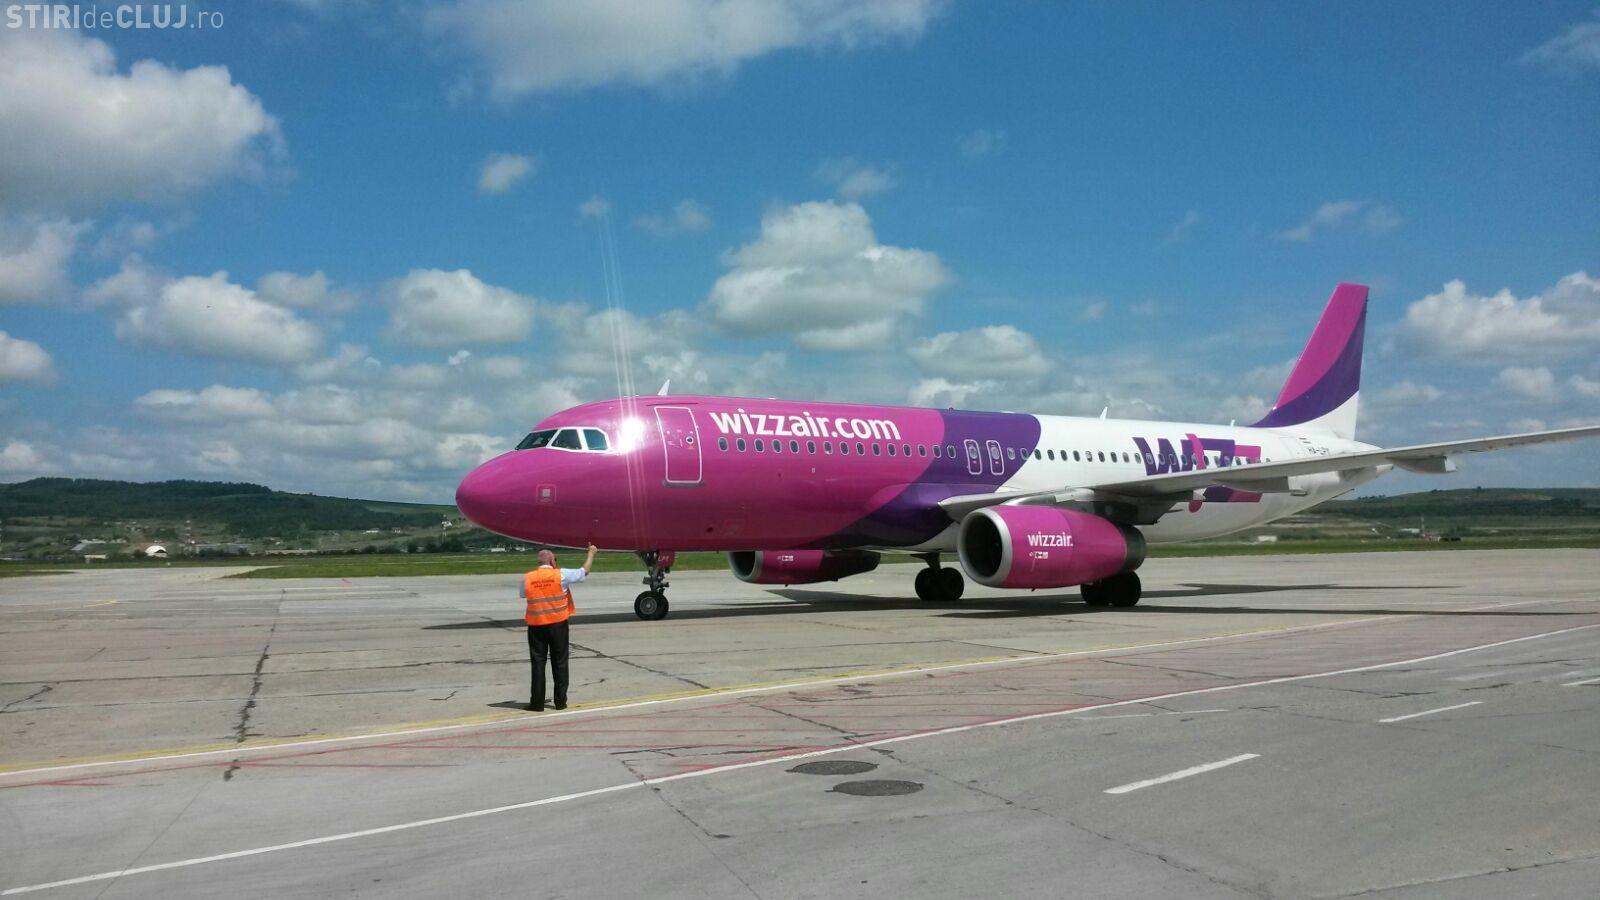 Wizz Air sărbătorește pasagerul cu numărul 6.000.000 la Cluj. Lansează zborul spre București cu prețuri BOMBĂ FOTO